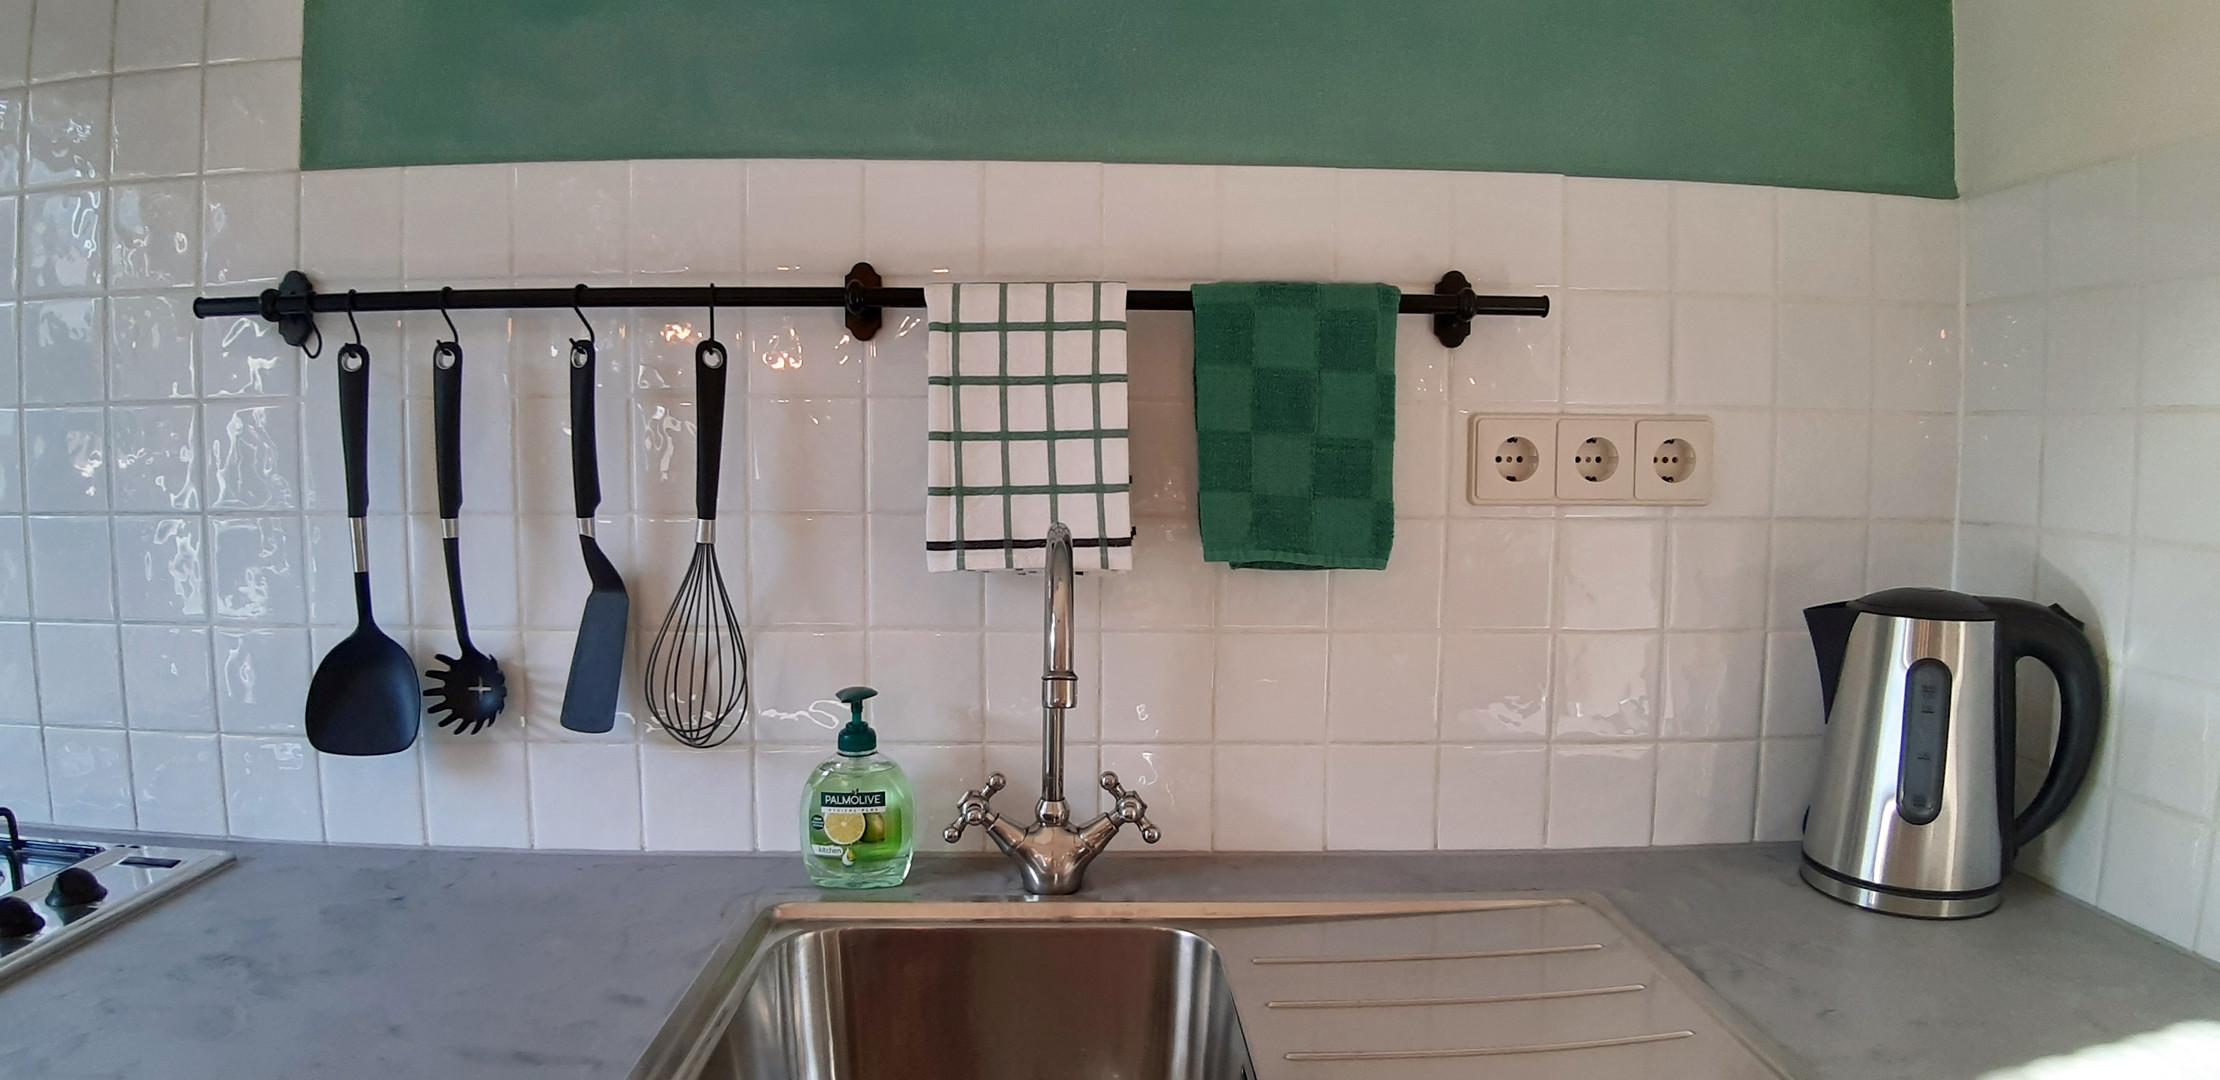 keuken detail .jpg